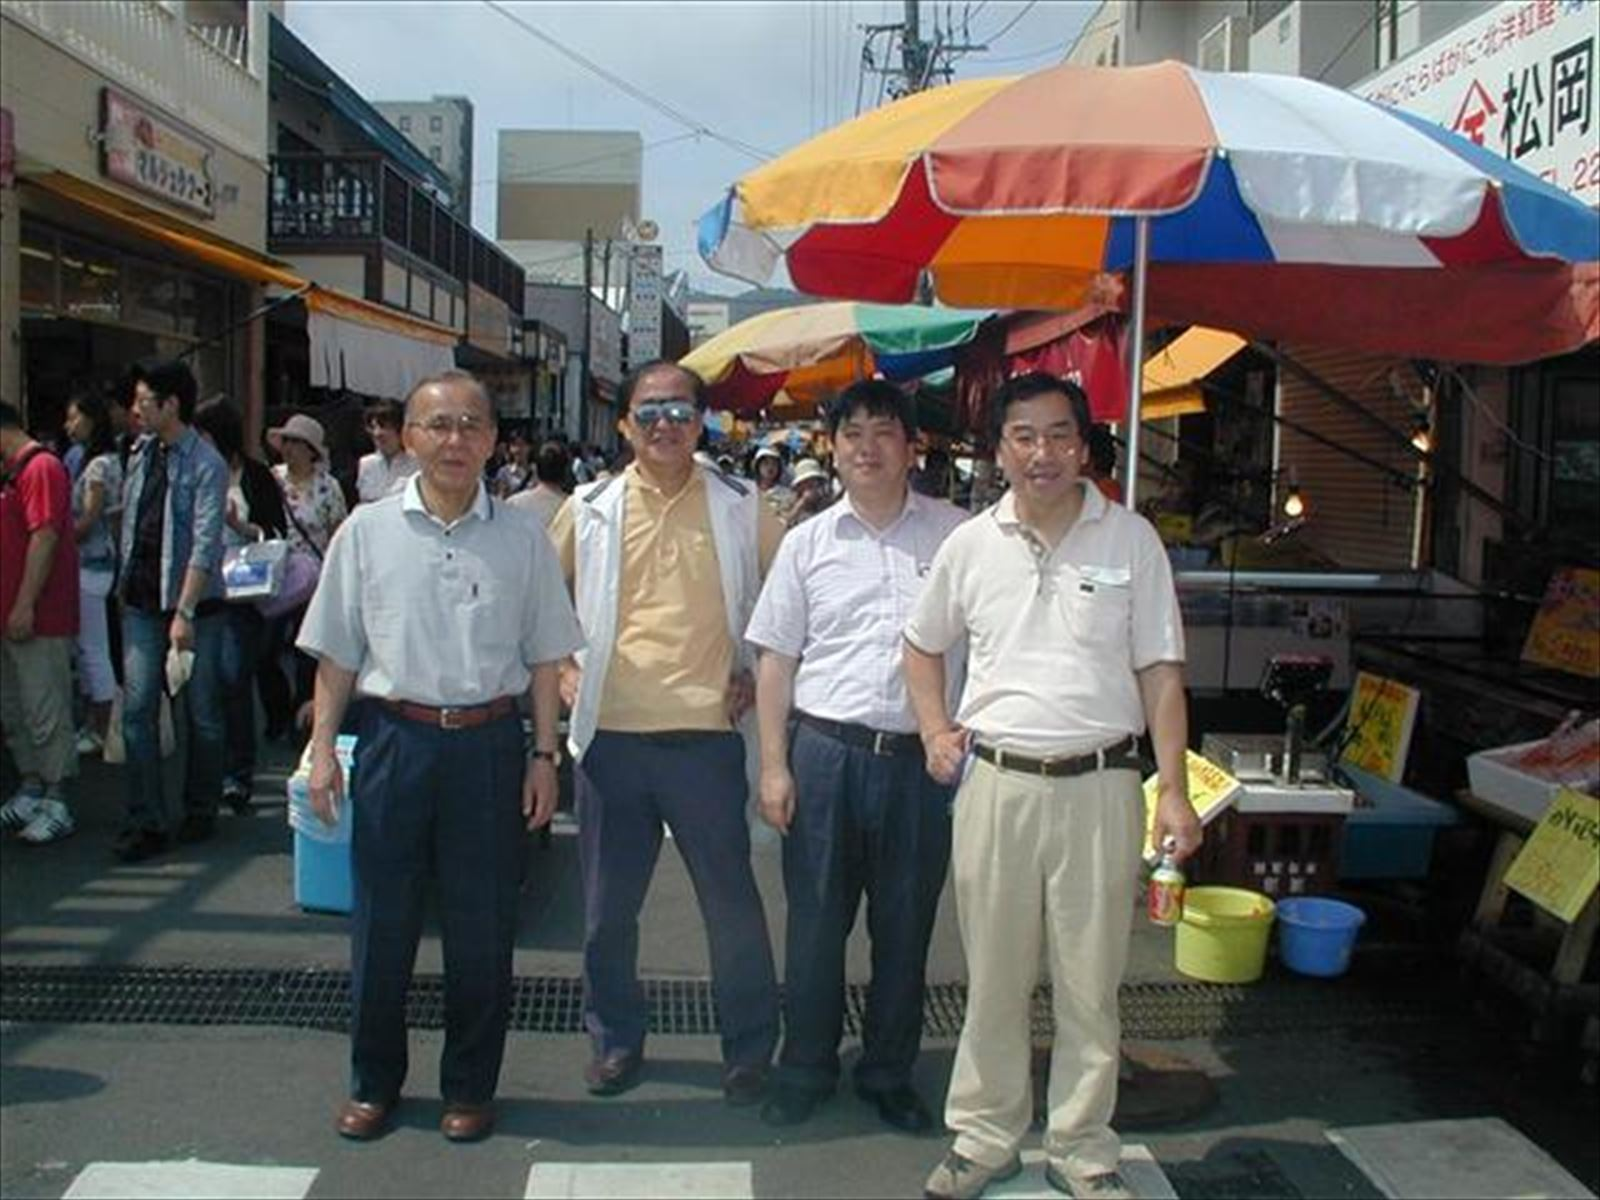 2006-07-16_09.35.16小倉 (小).JPG